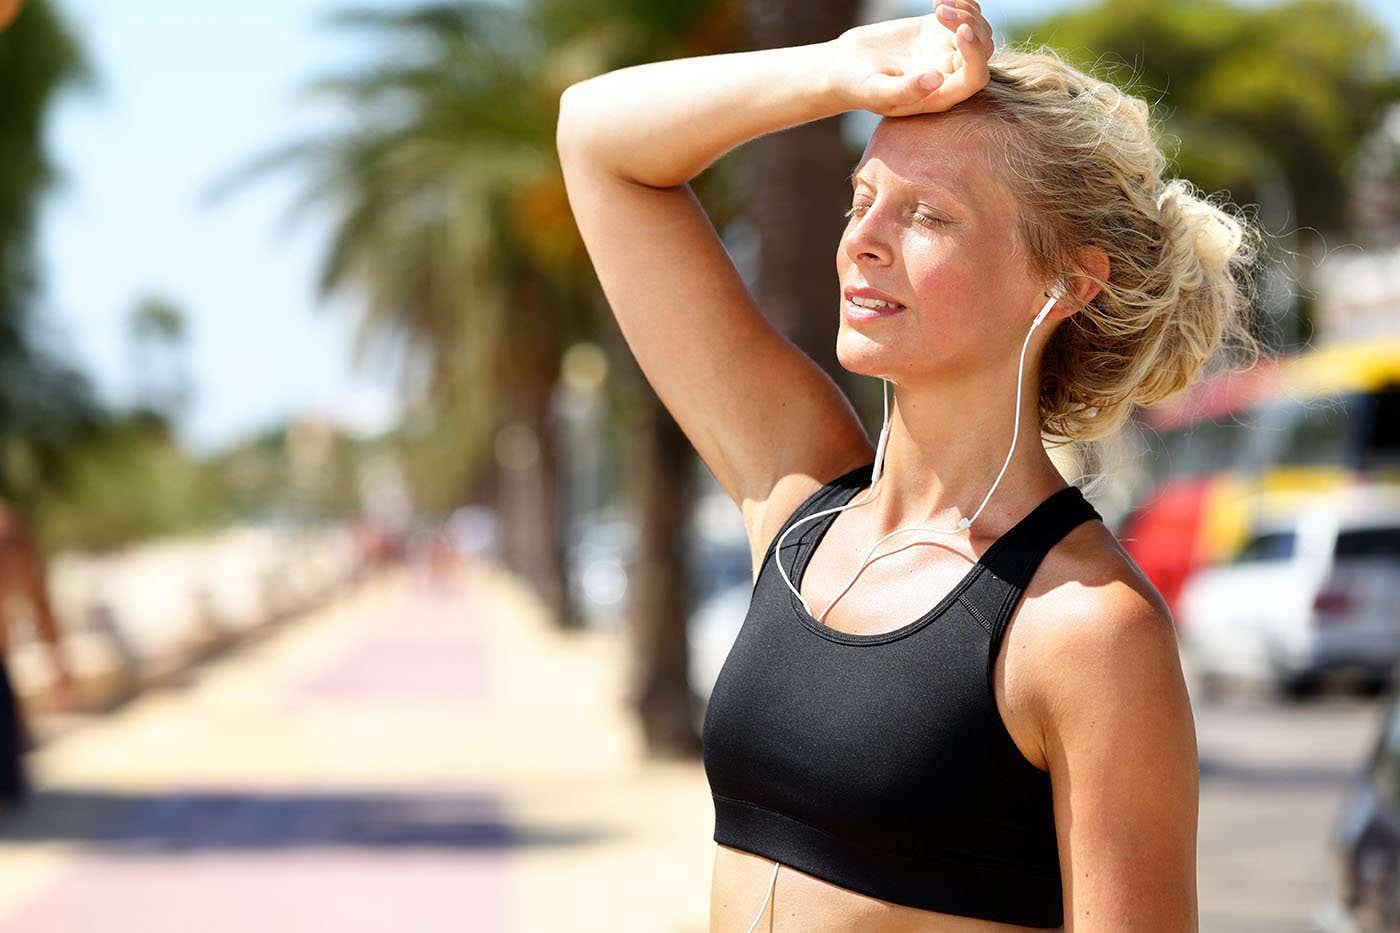 Arderea caloriilor este mai mare când faci sport vara?